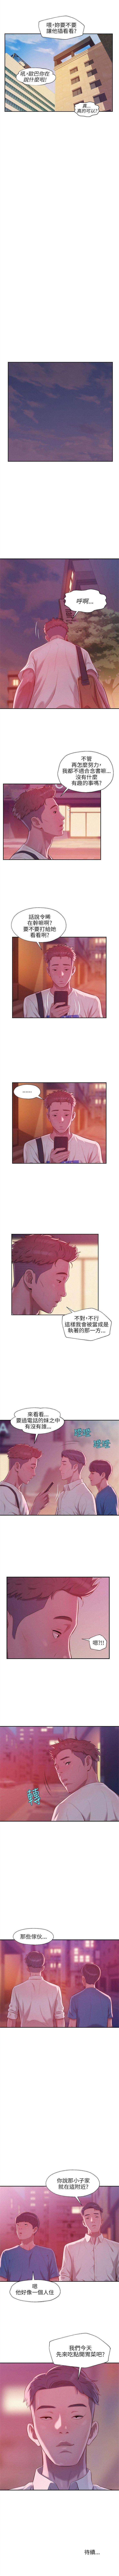 新生淫乱日记 1-61完结(中文) 115